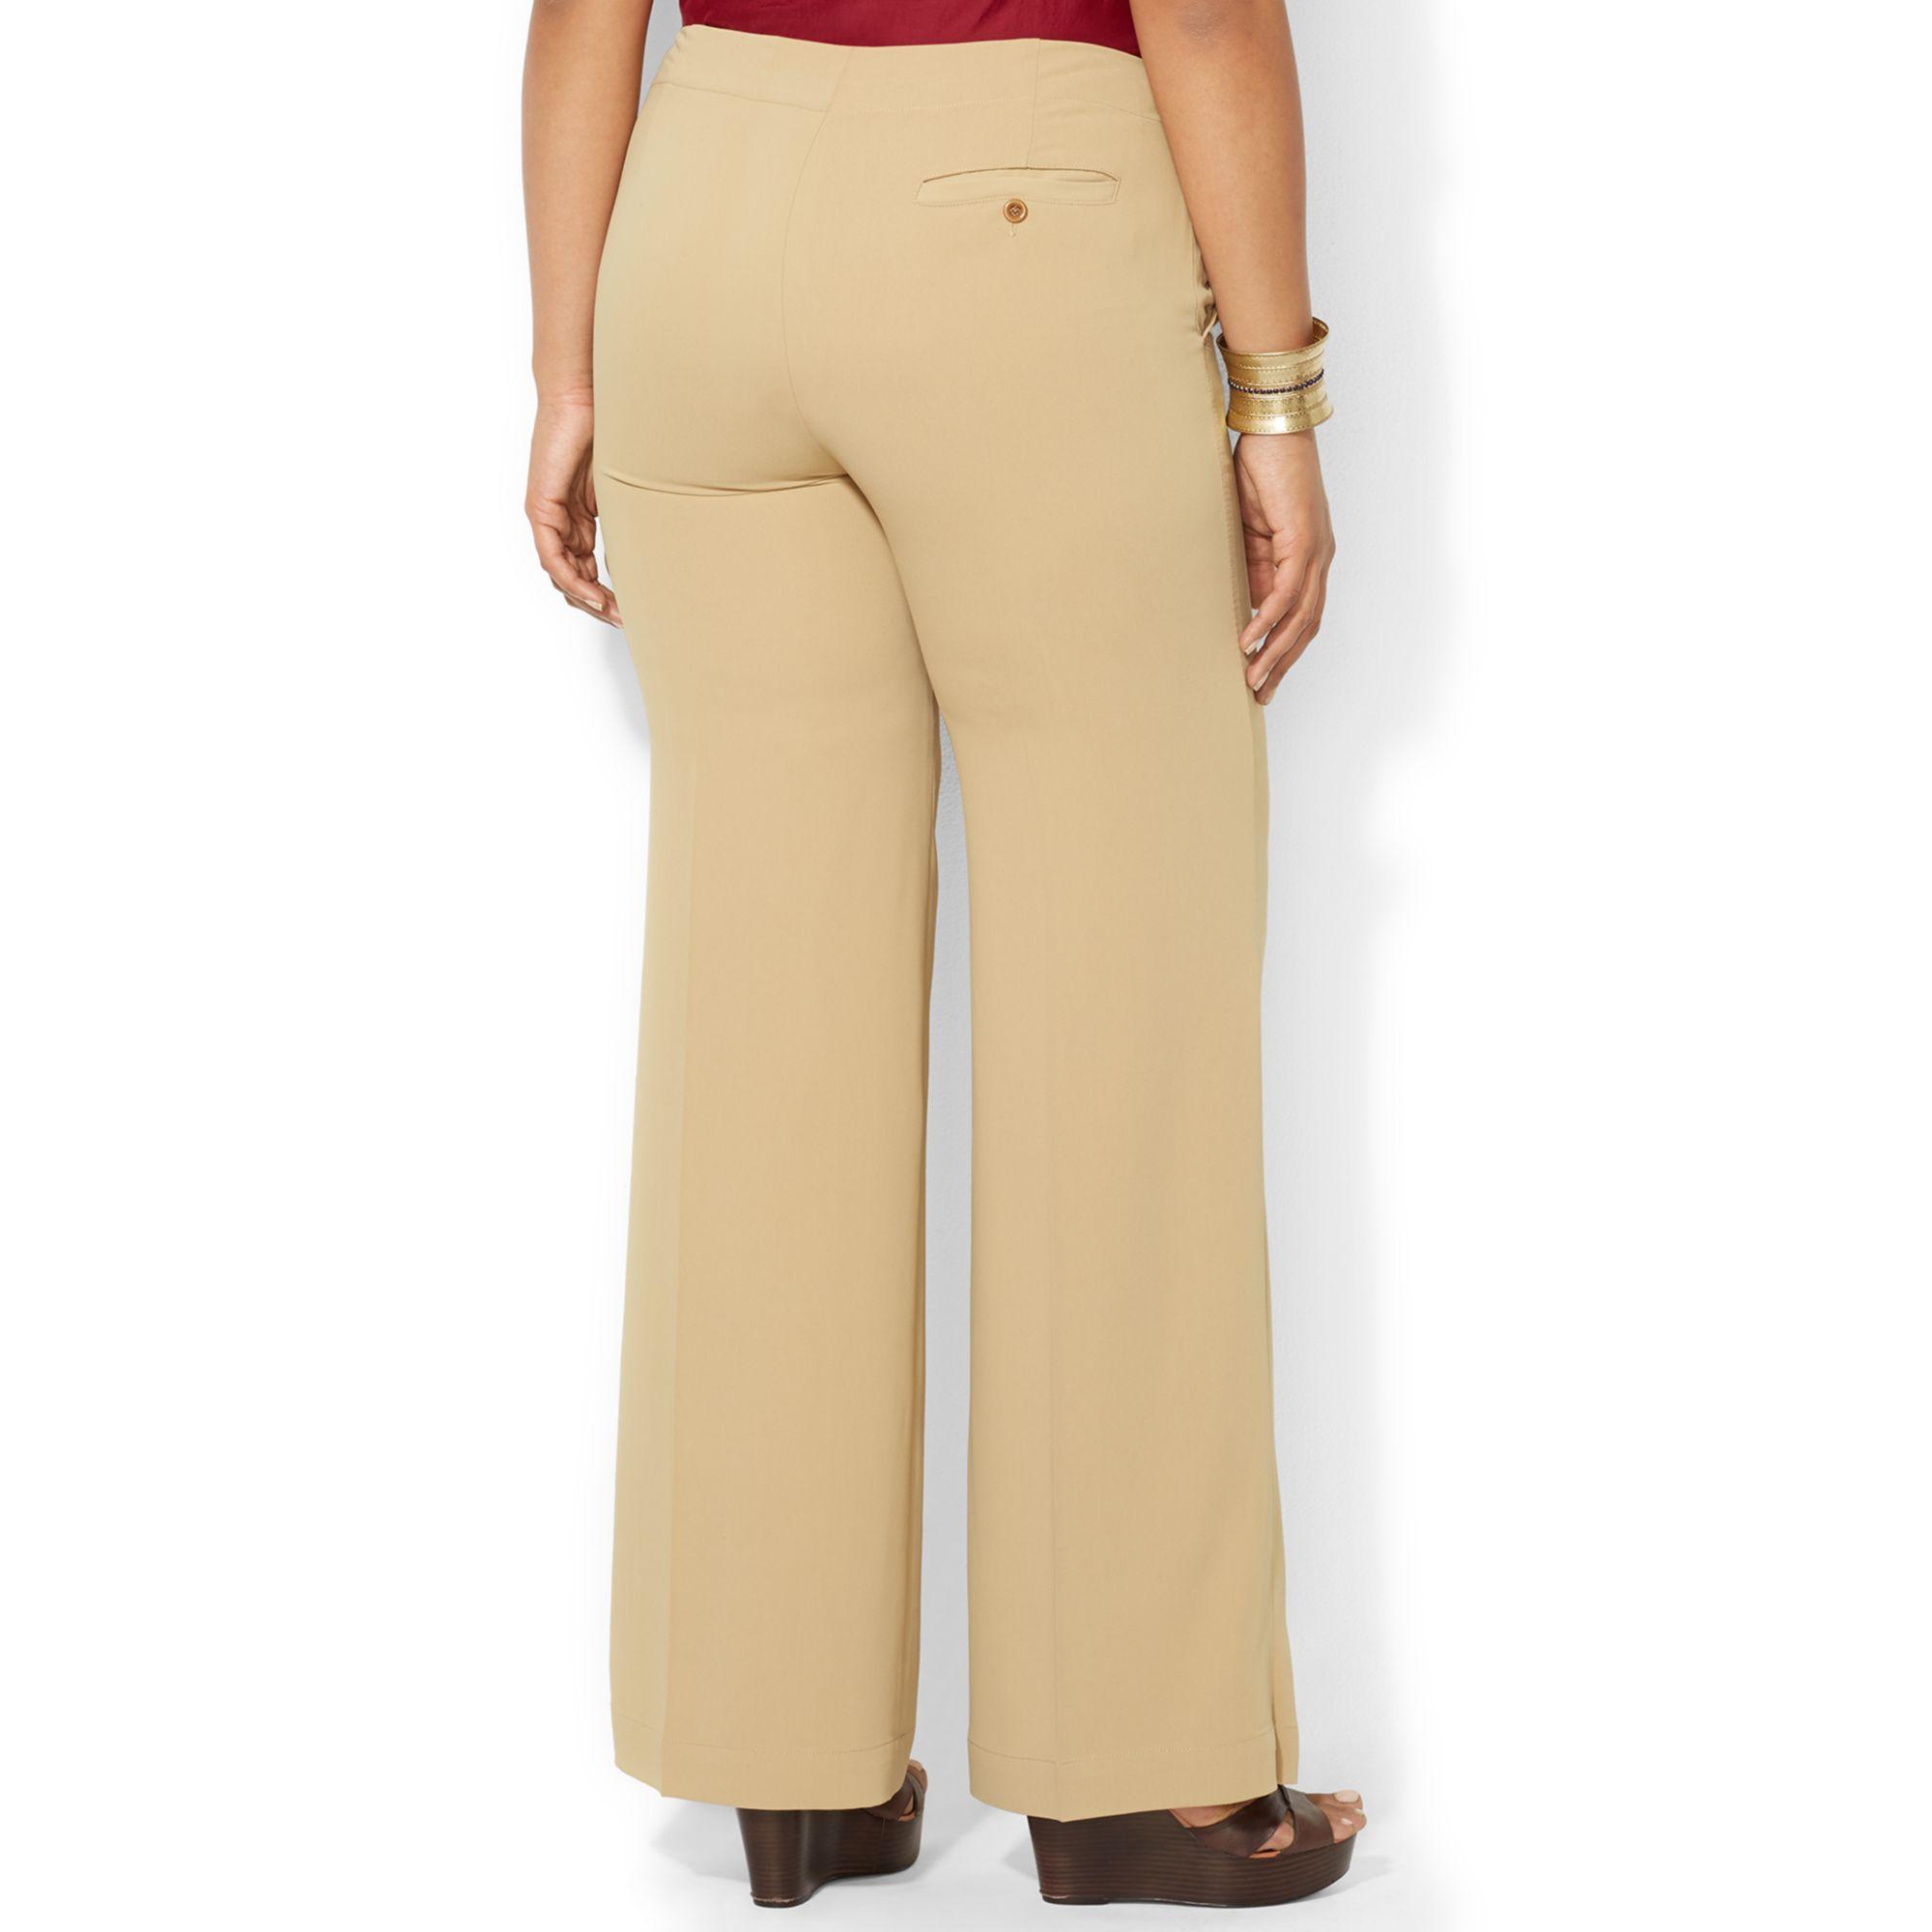 plus size wide leg khaki pants - Pi Pants